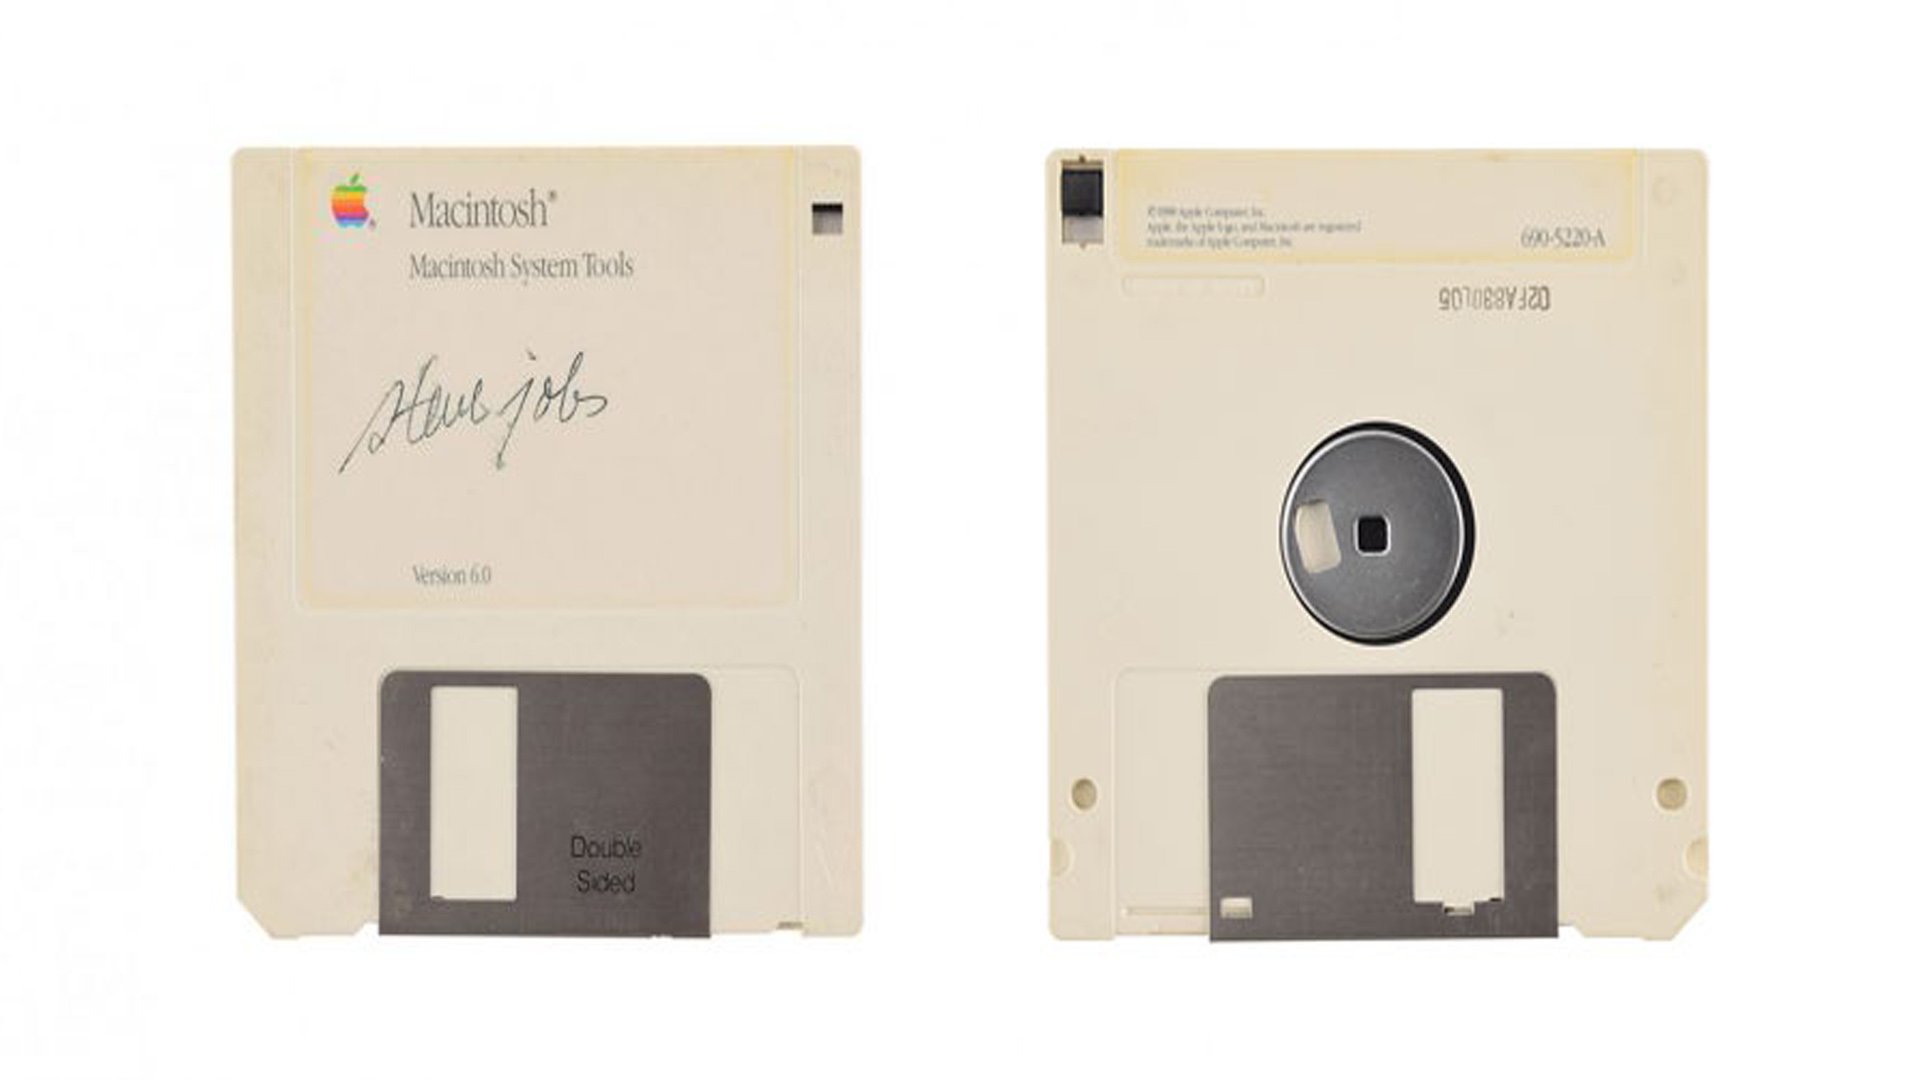 هل تعلم أن قرص مرن وقع Steve Jobs مؤسس شركة آبل معروض في مزاد بقيمة 7500 دولار !!!